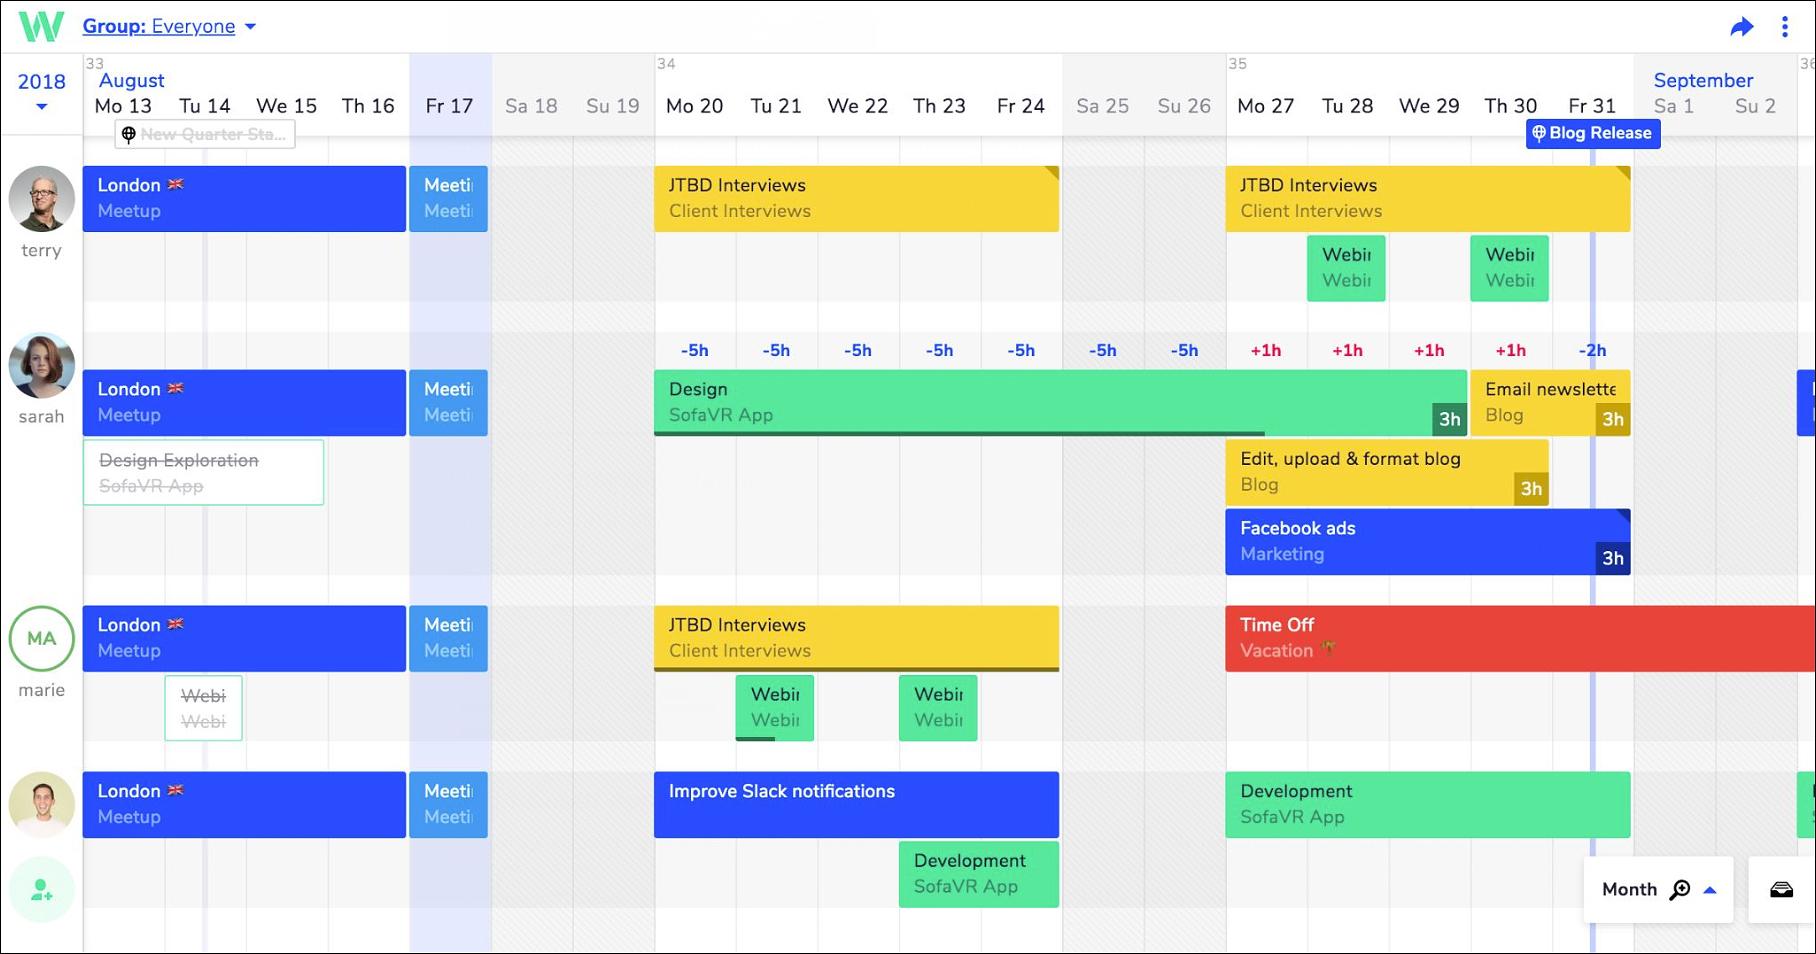 Weekly Monthly Planners Teamweek